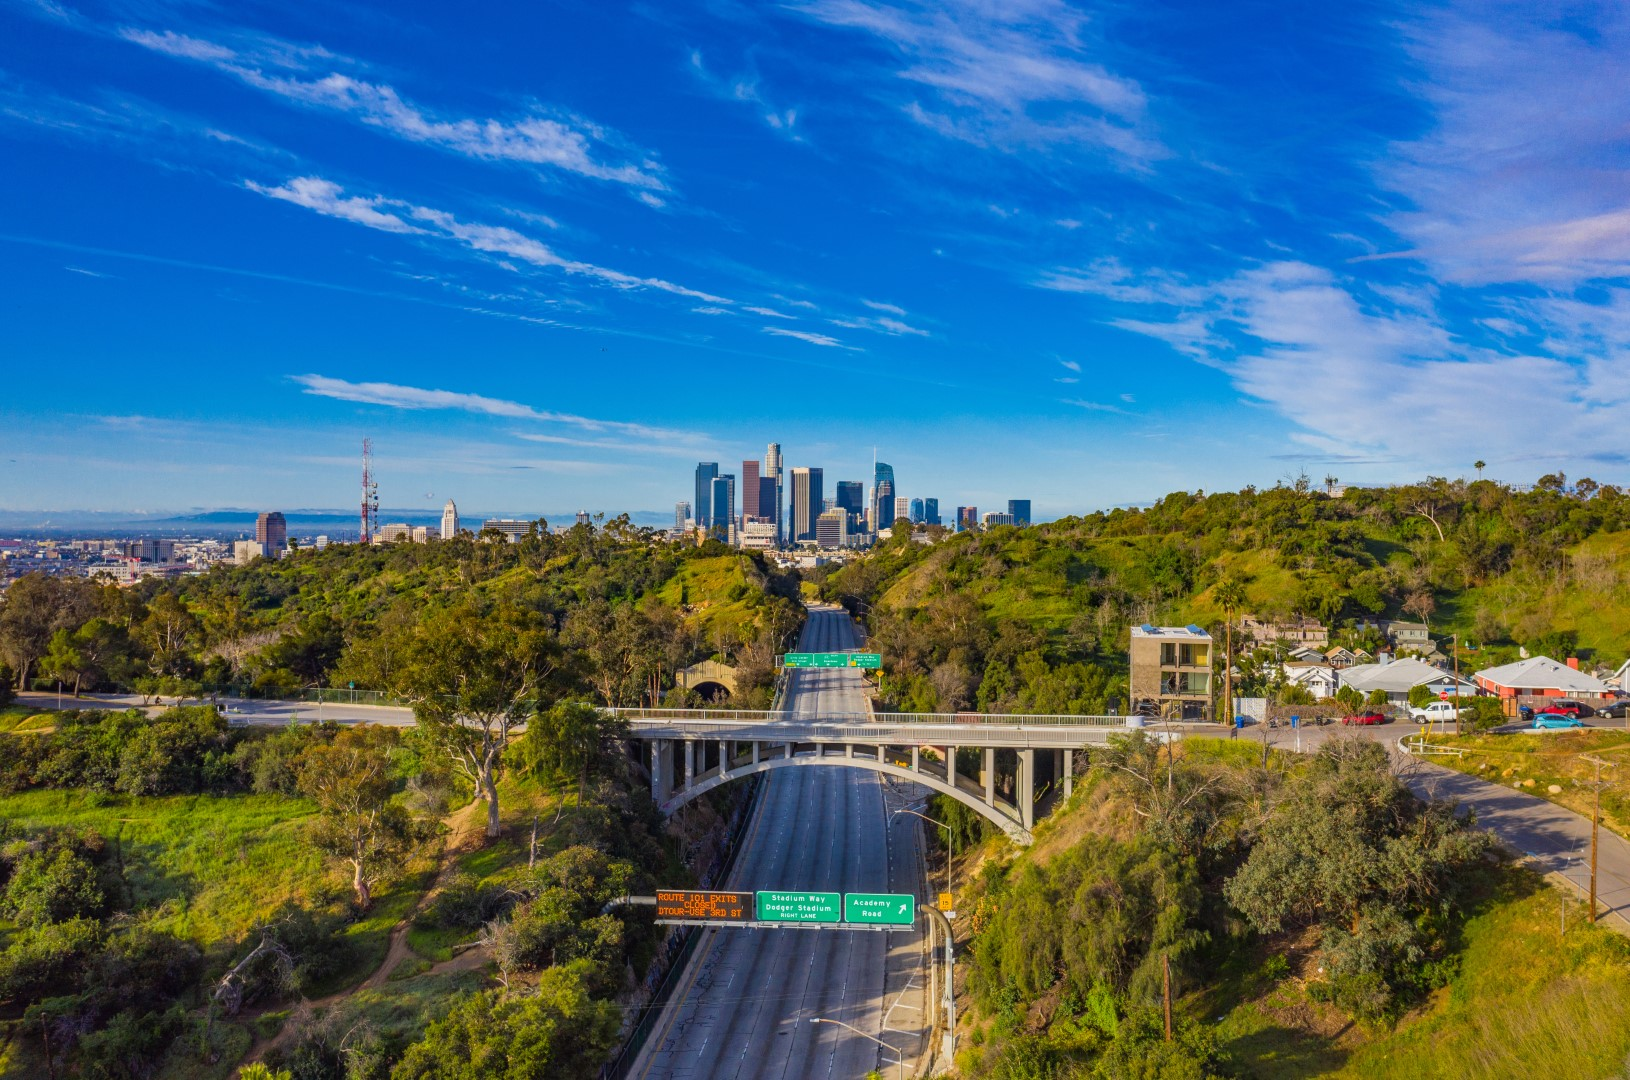 Ausencia de tráfico y contaminación en Los Ángeles, California